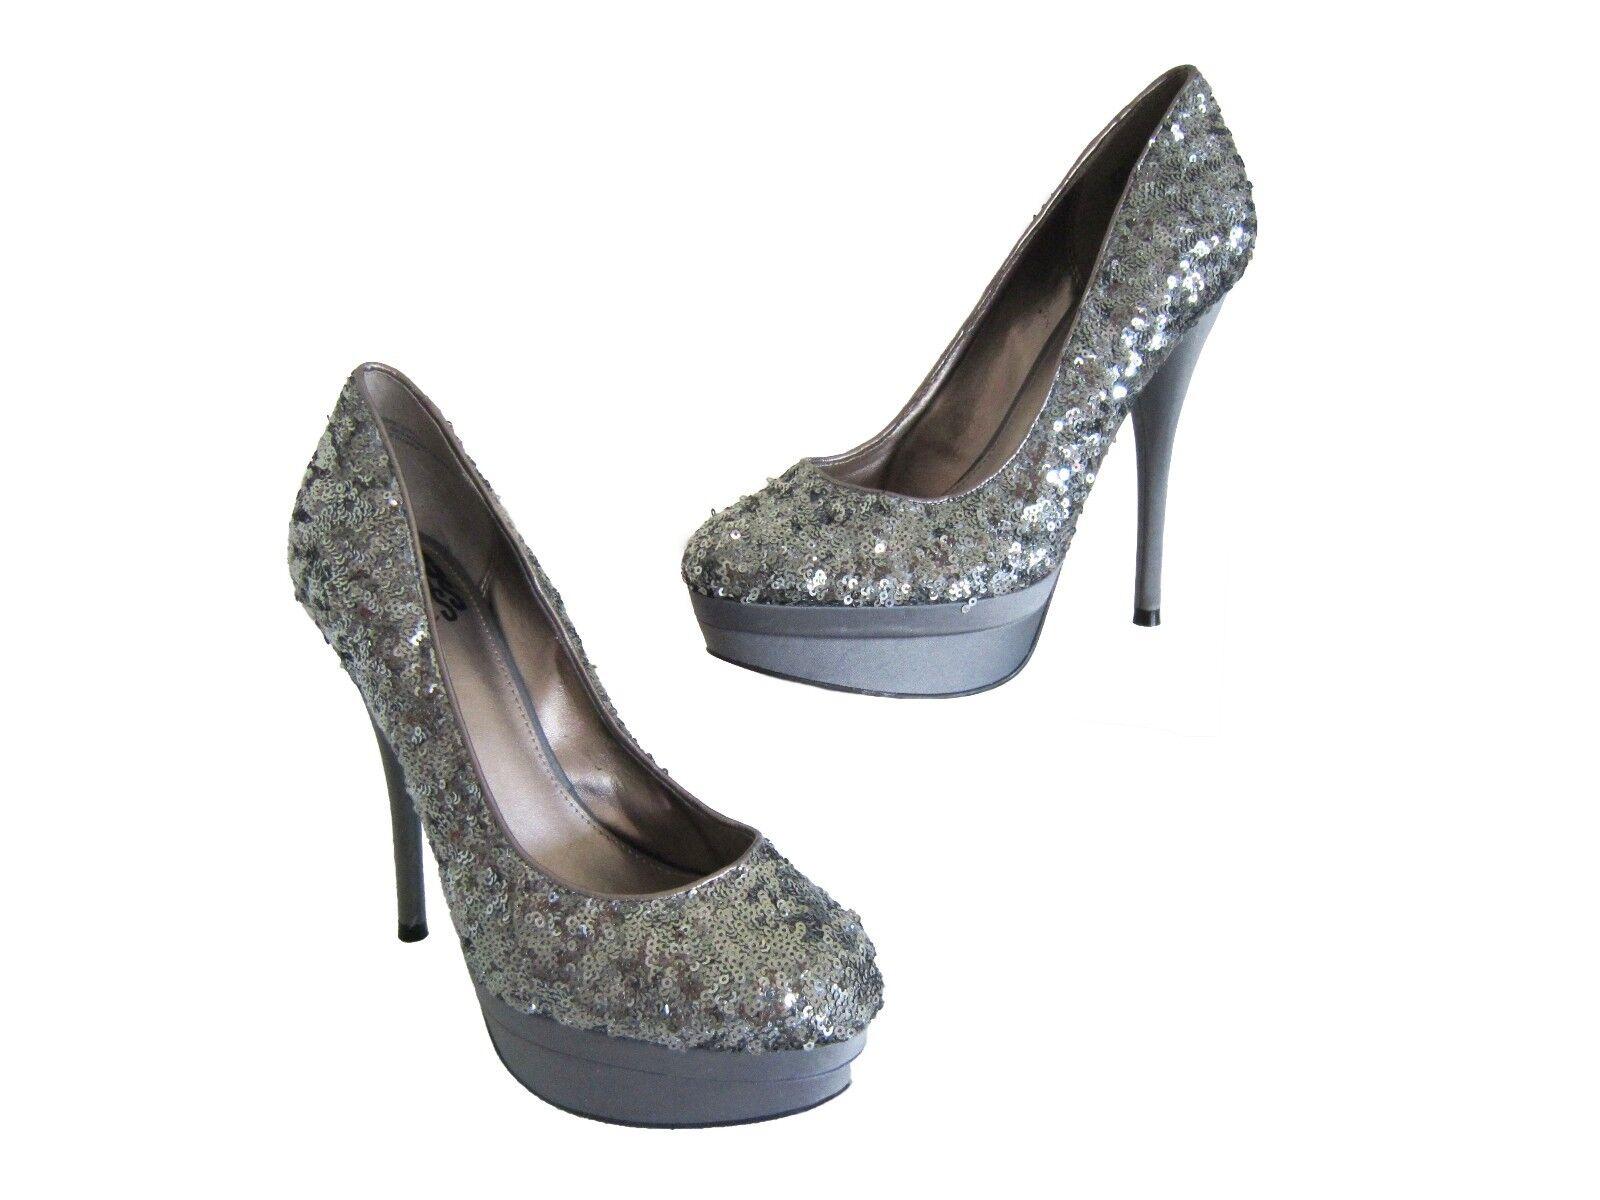 Free Press Glitz Sequin shoes Silver 7.5M